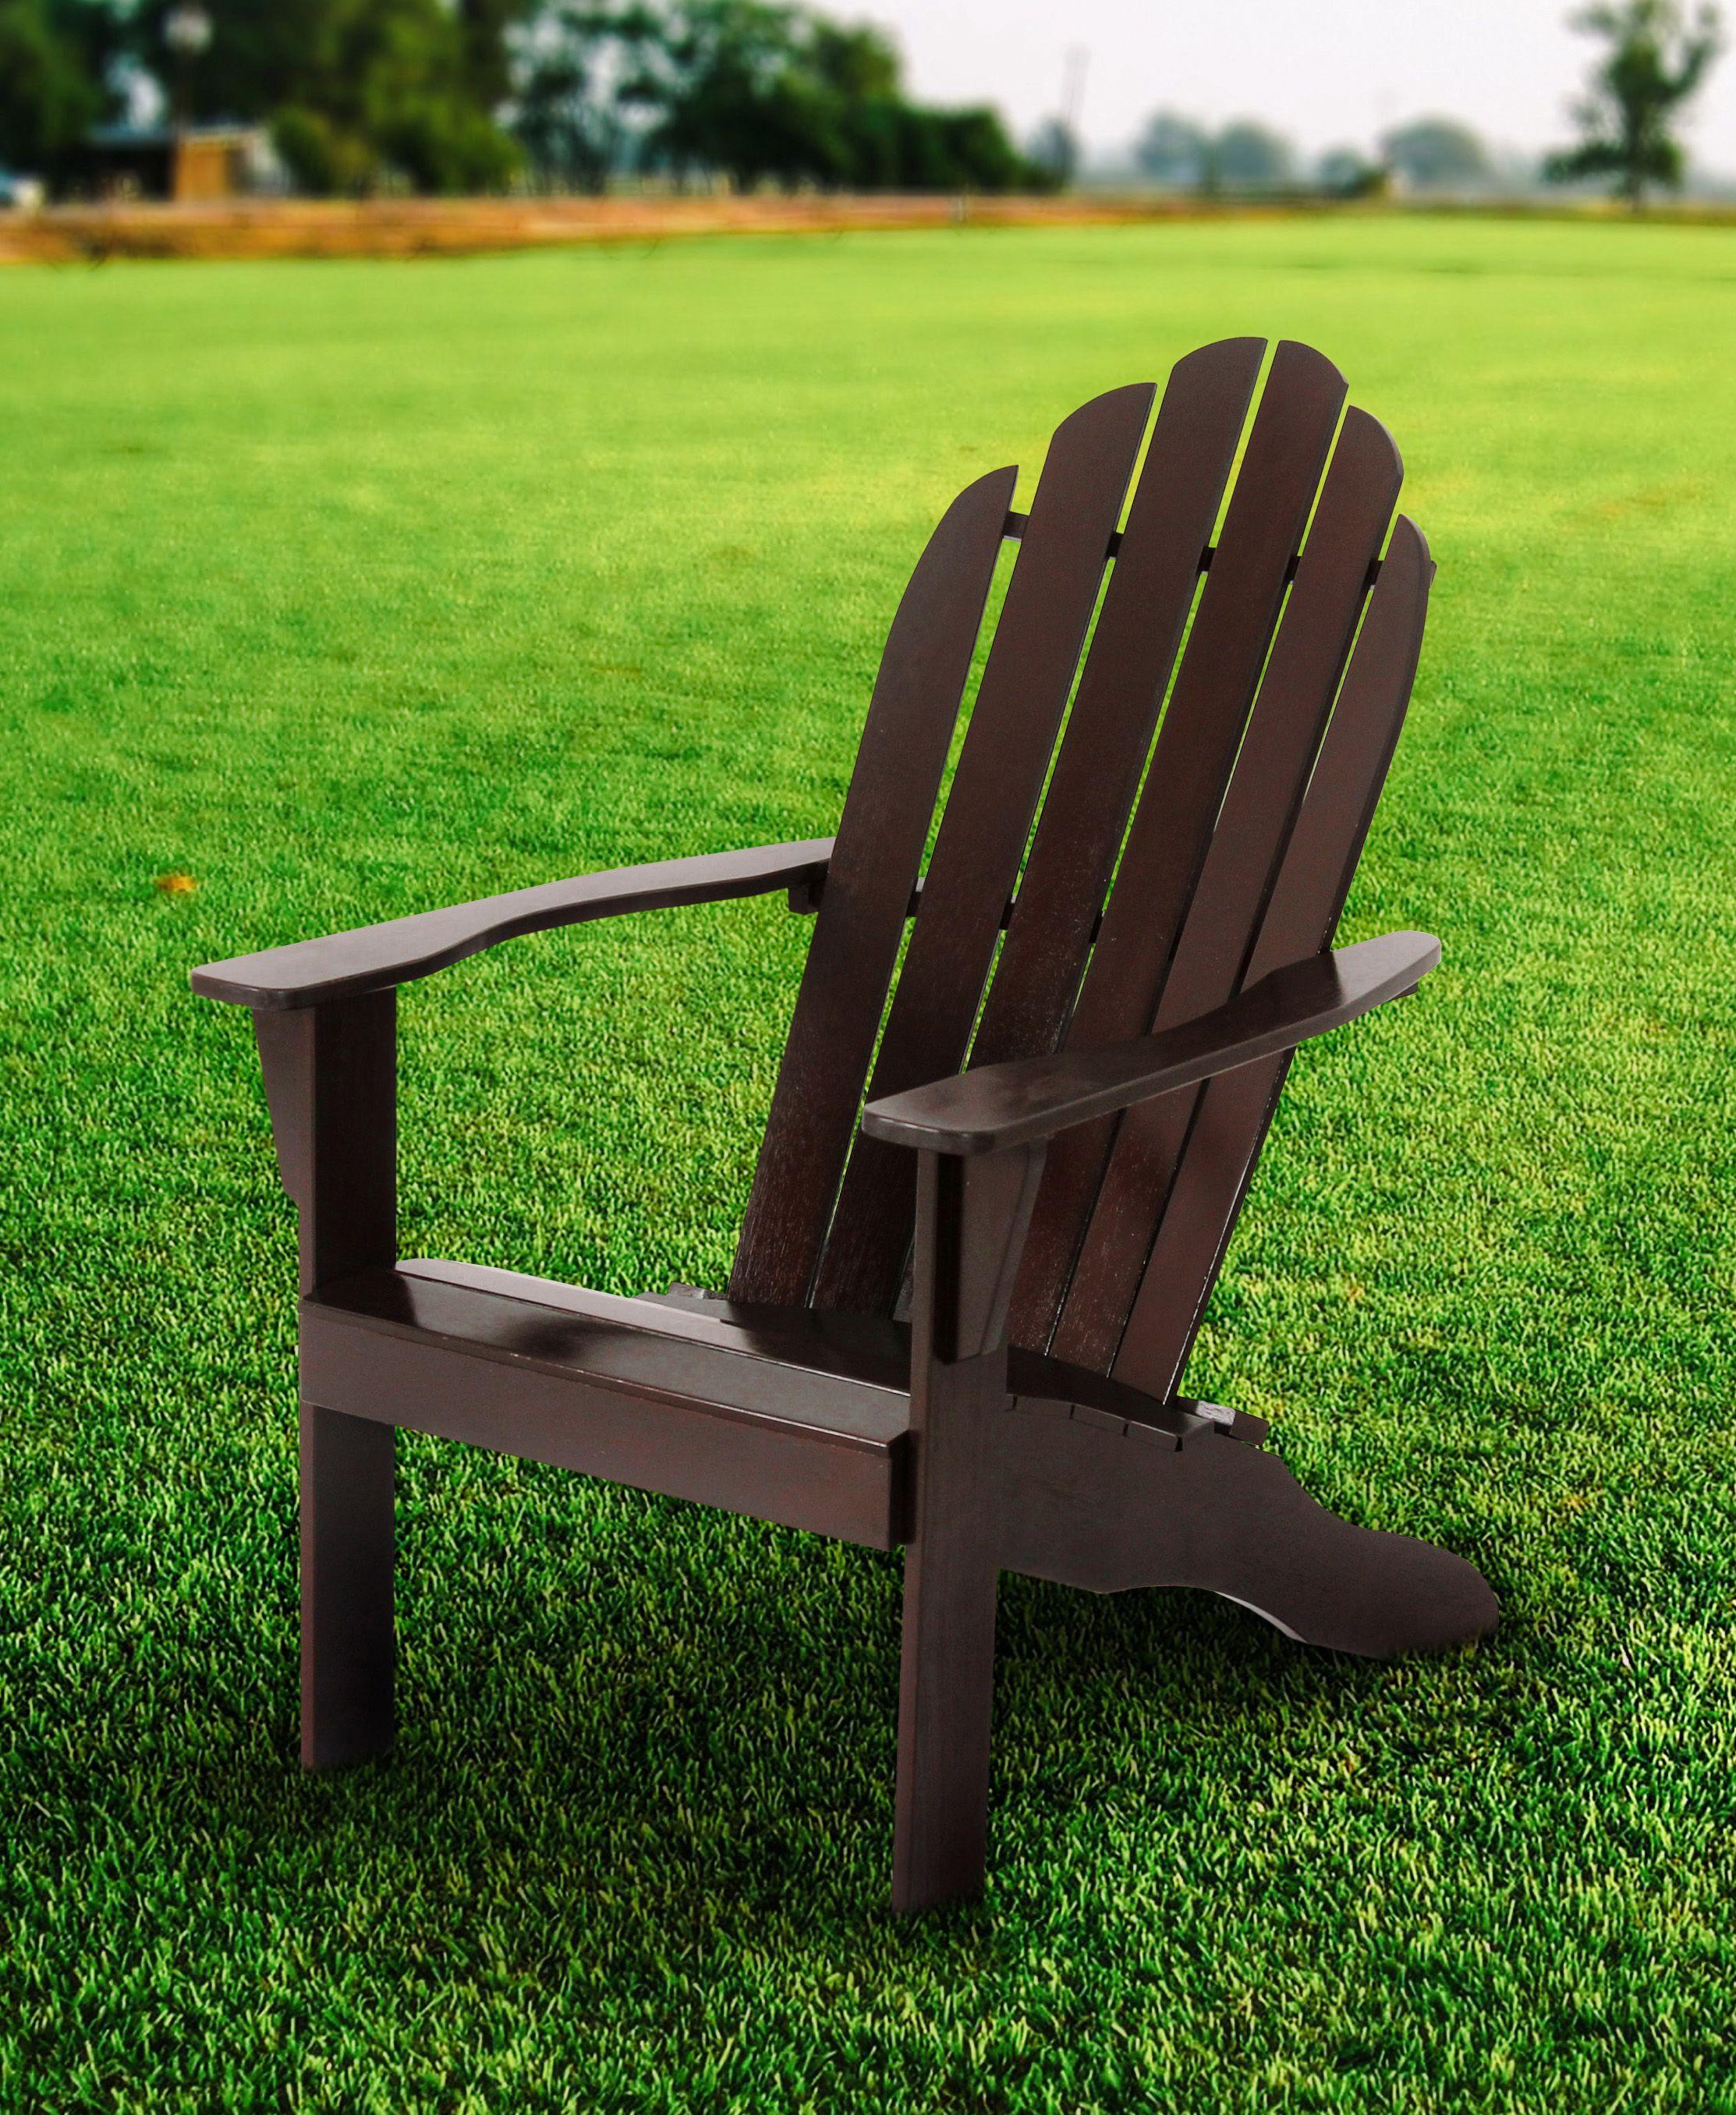 Patio & Garden Wood adirondack chairs, Adirondack chair